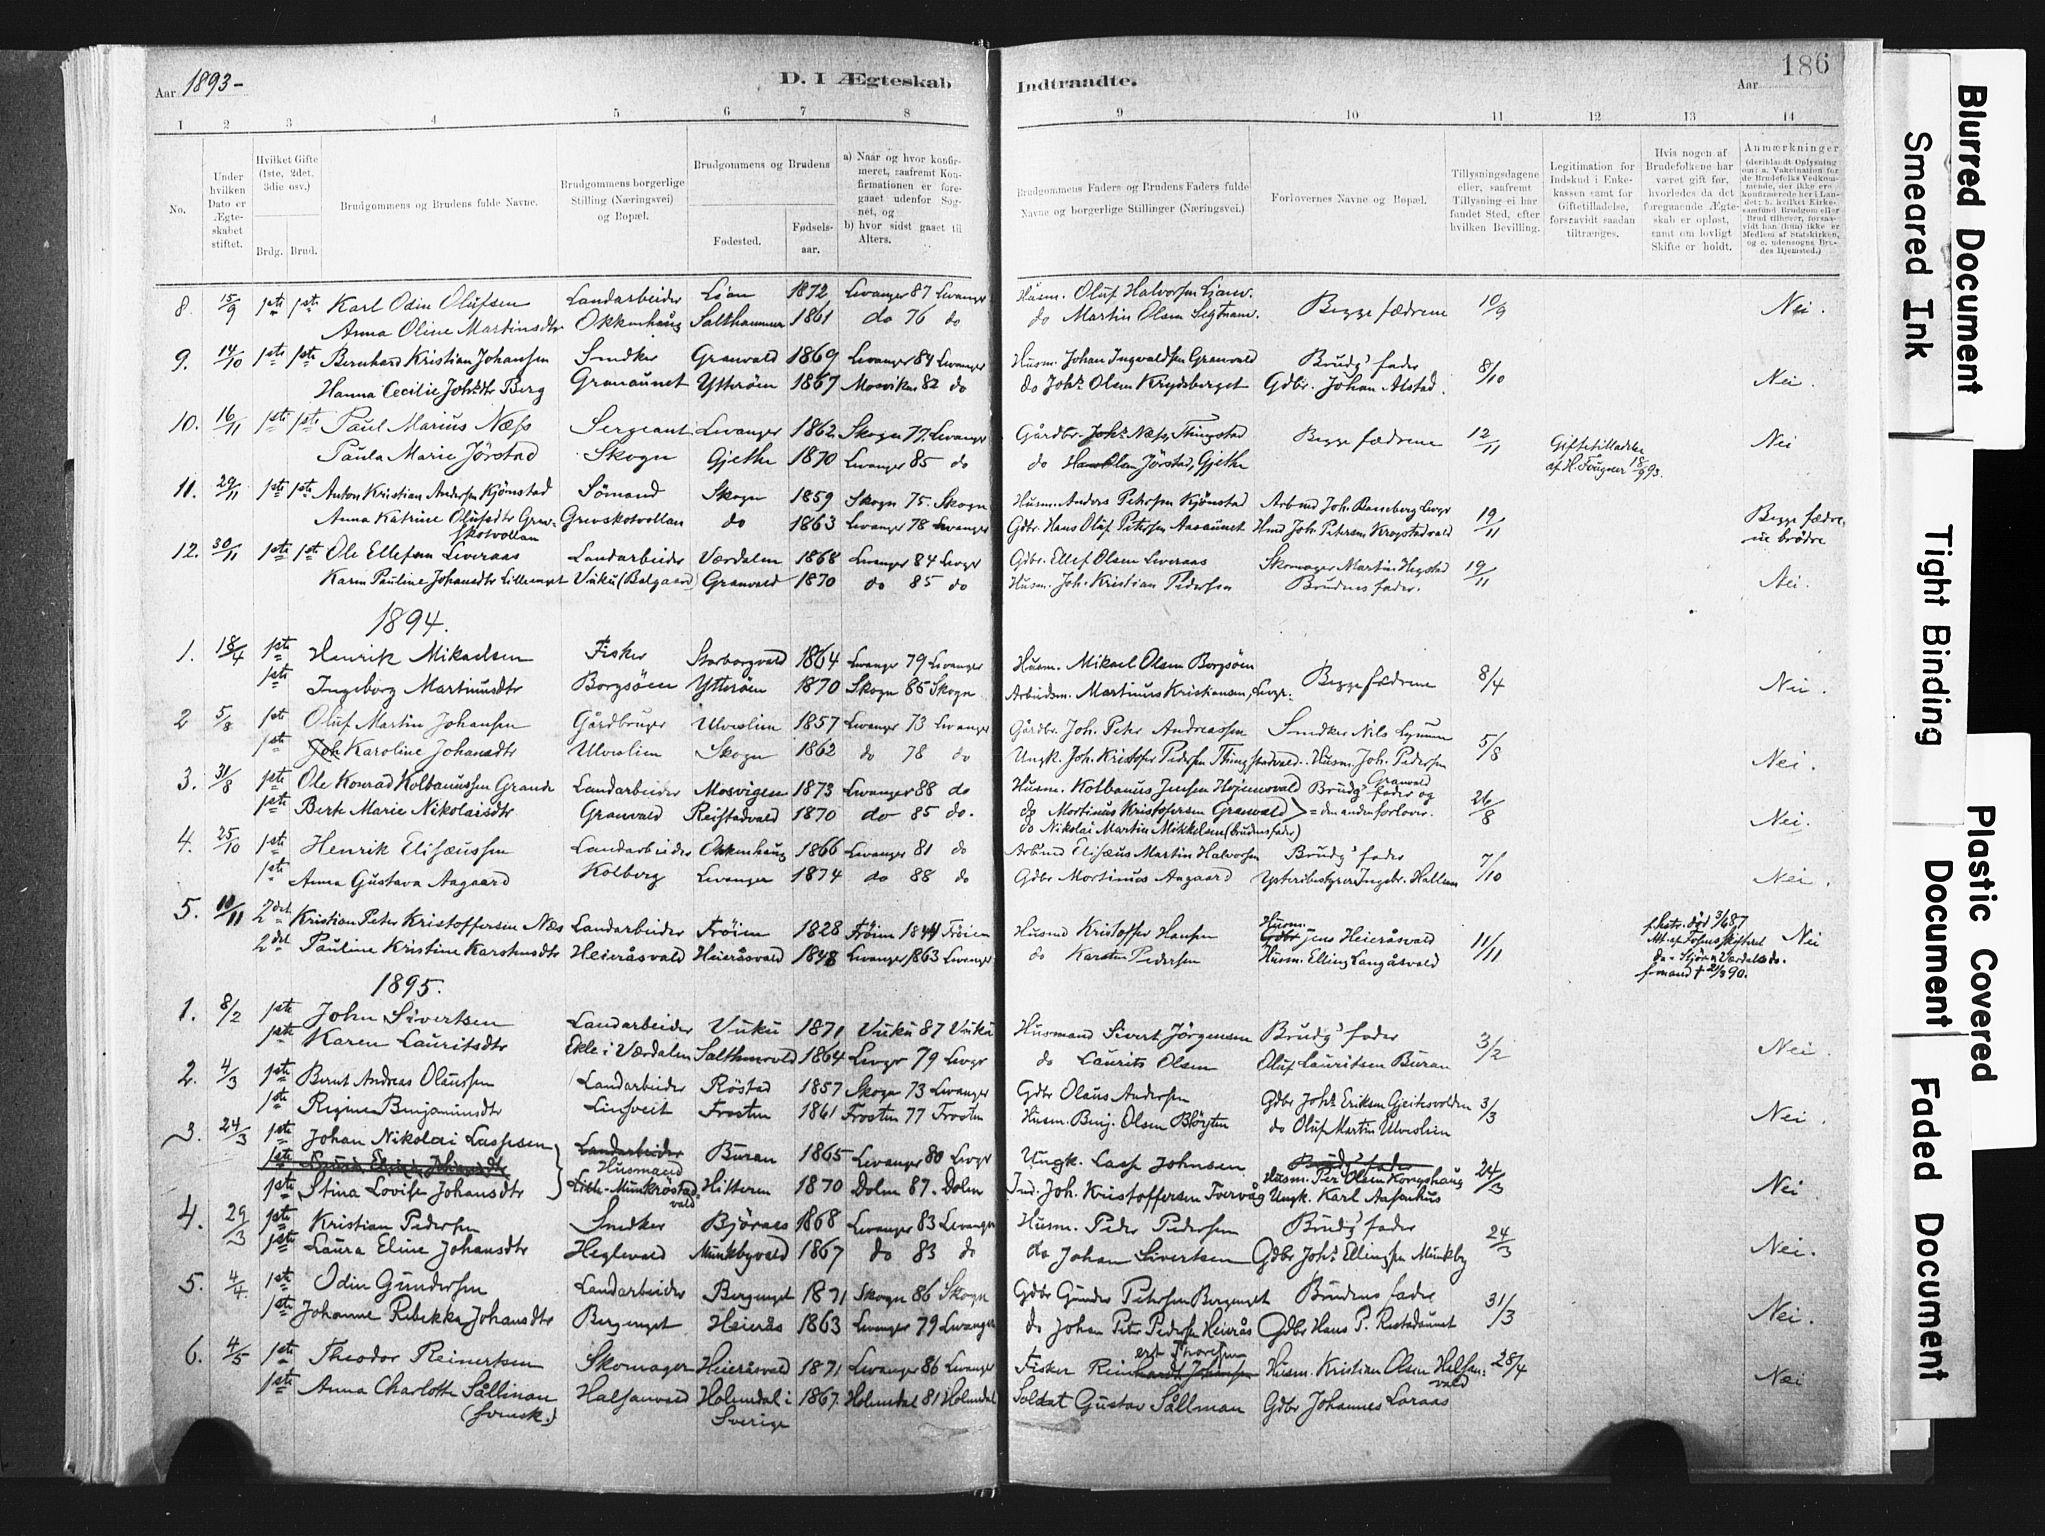 SAT, Ministerialprotokoller, klokkerbøker og fødselsregistre - Nord-Trøndelag, 721/L0207: Ministerialbok nr. 721A02, 1880-1911, s. 186